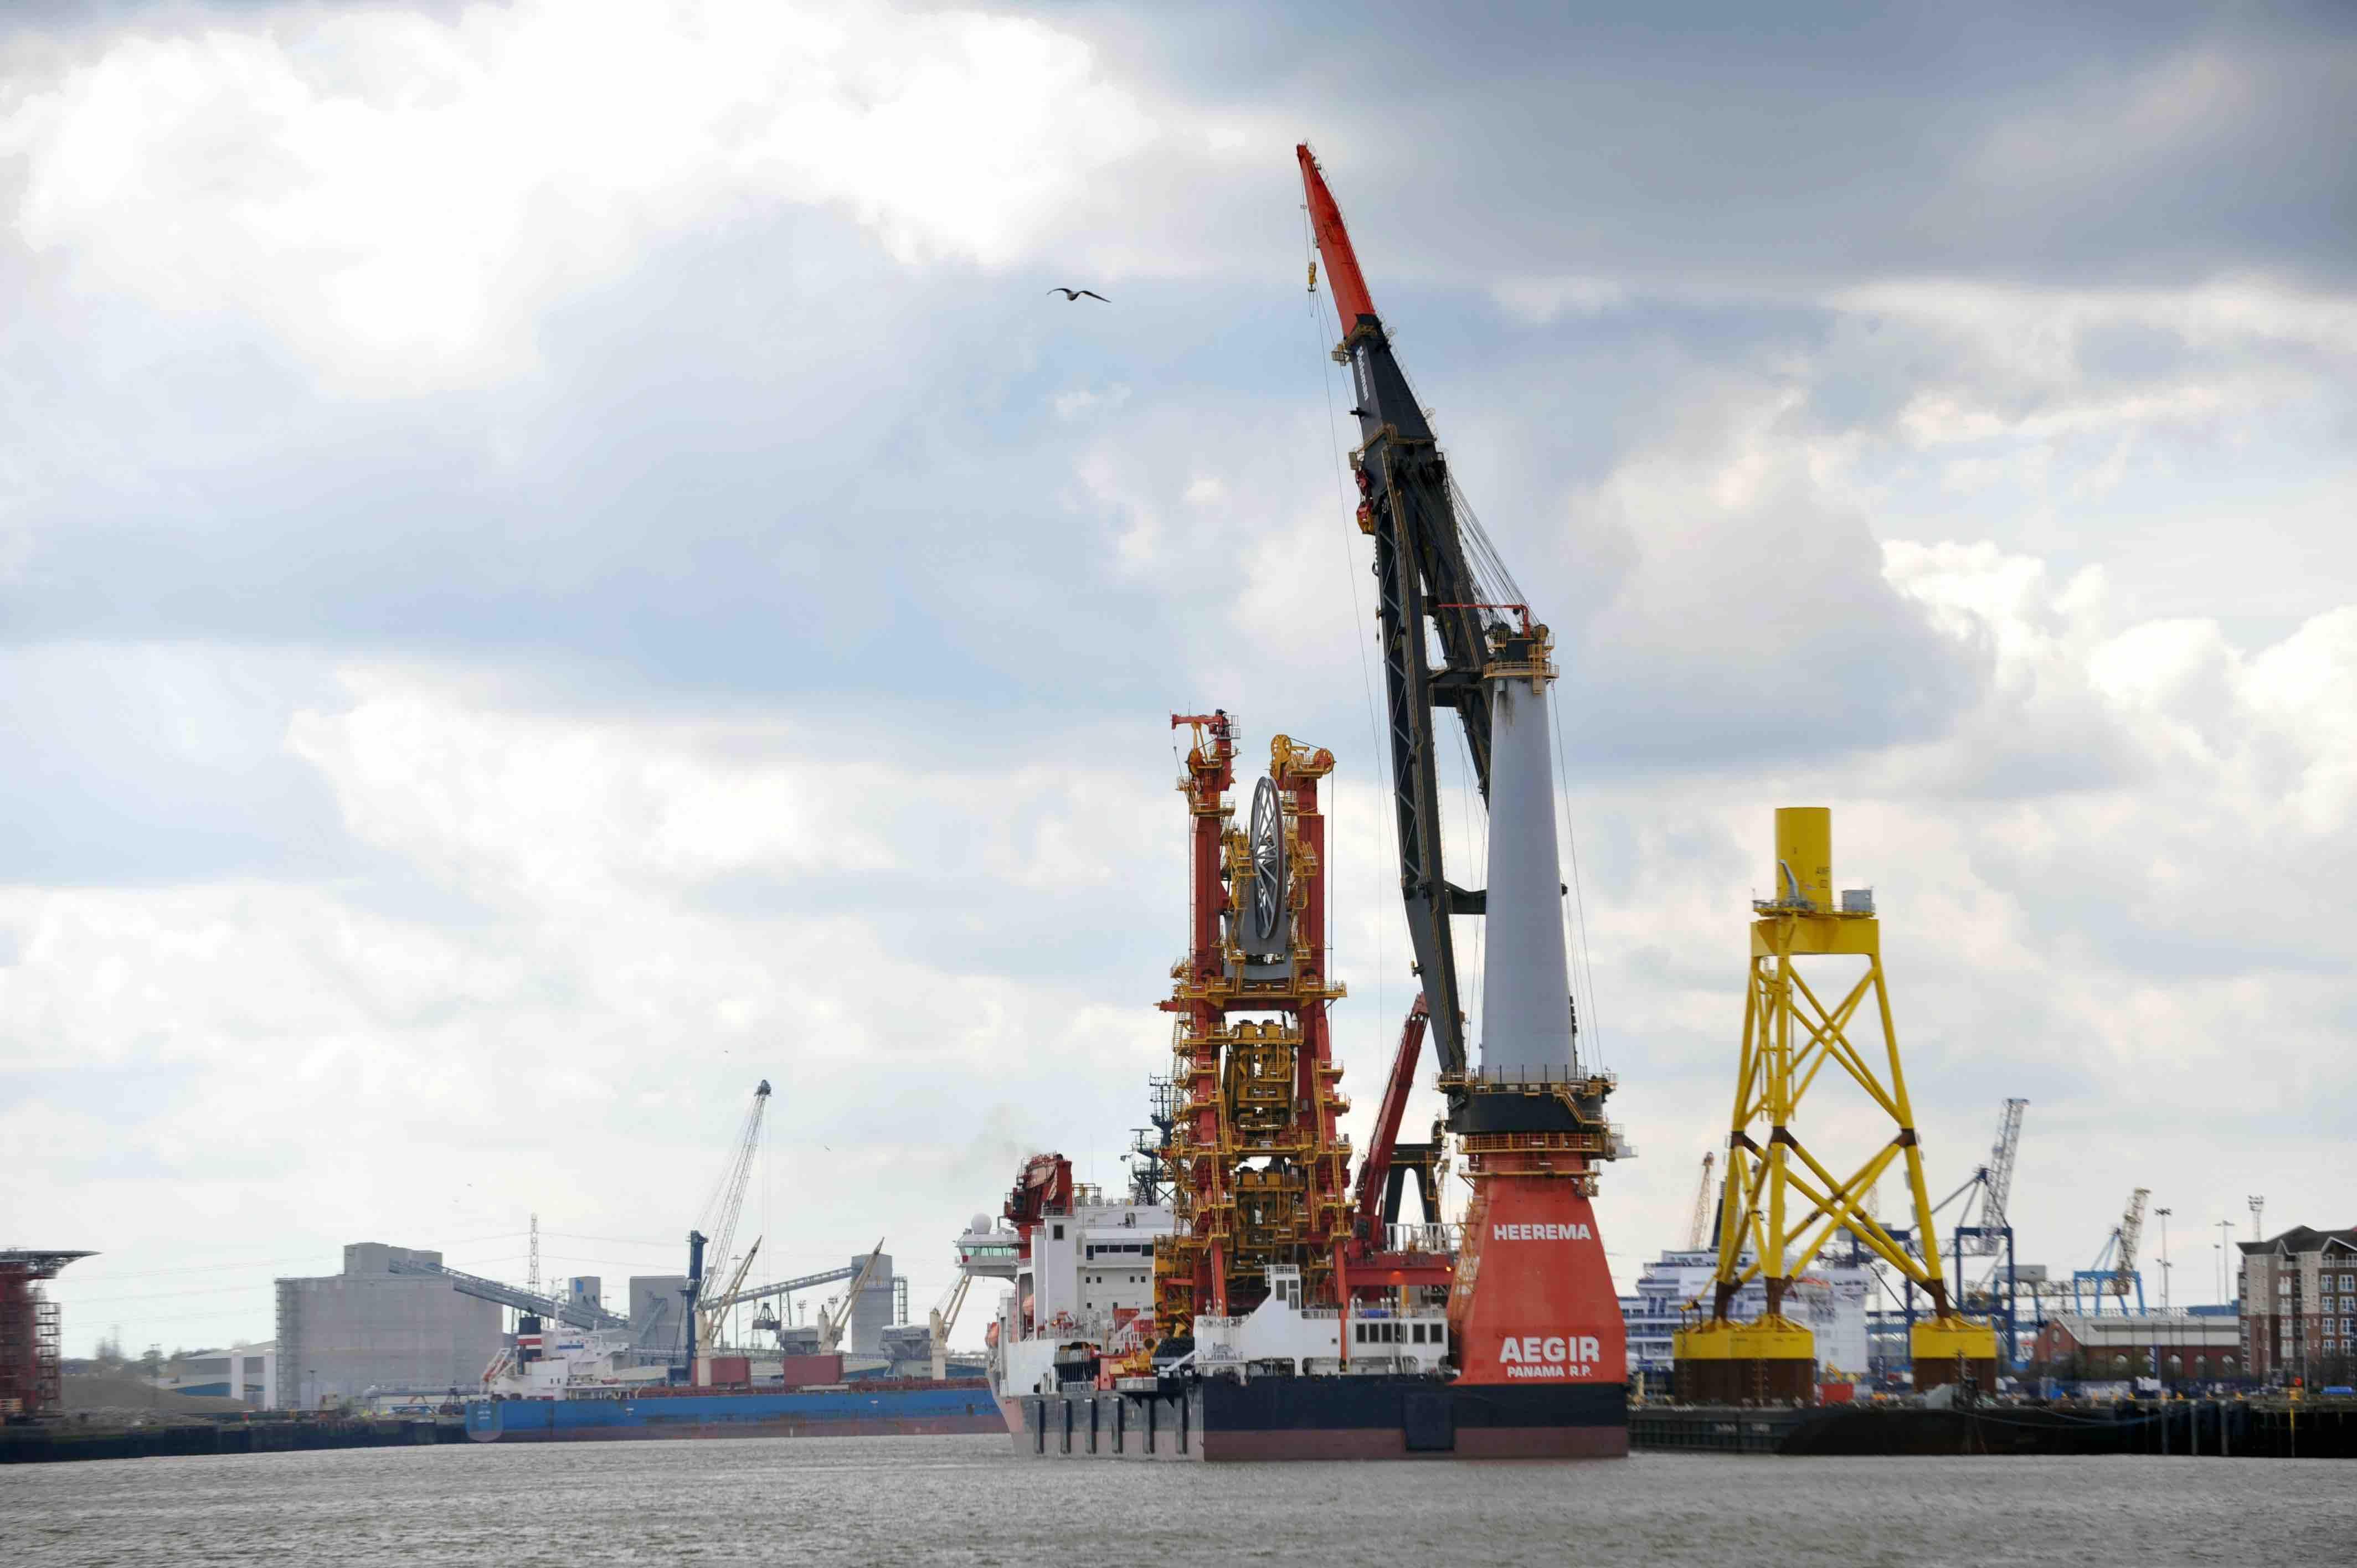 Heerema's offshore deepwater construction vessel Aegir at the port of Tyne.